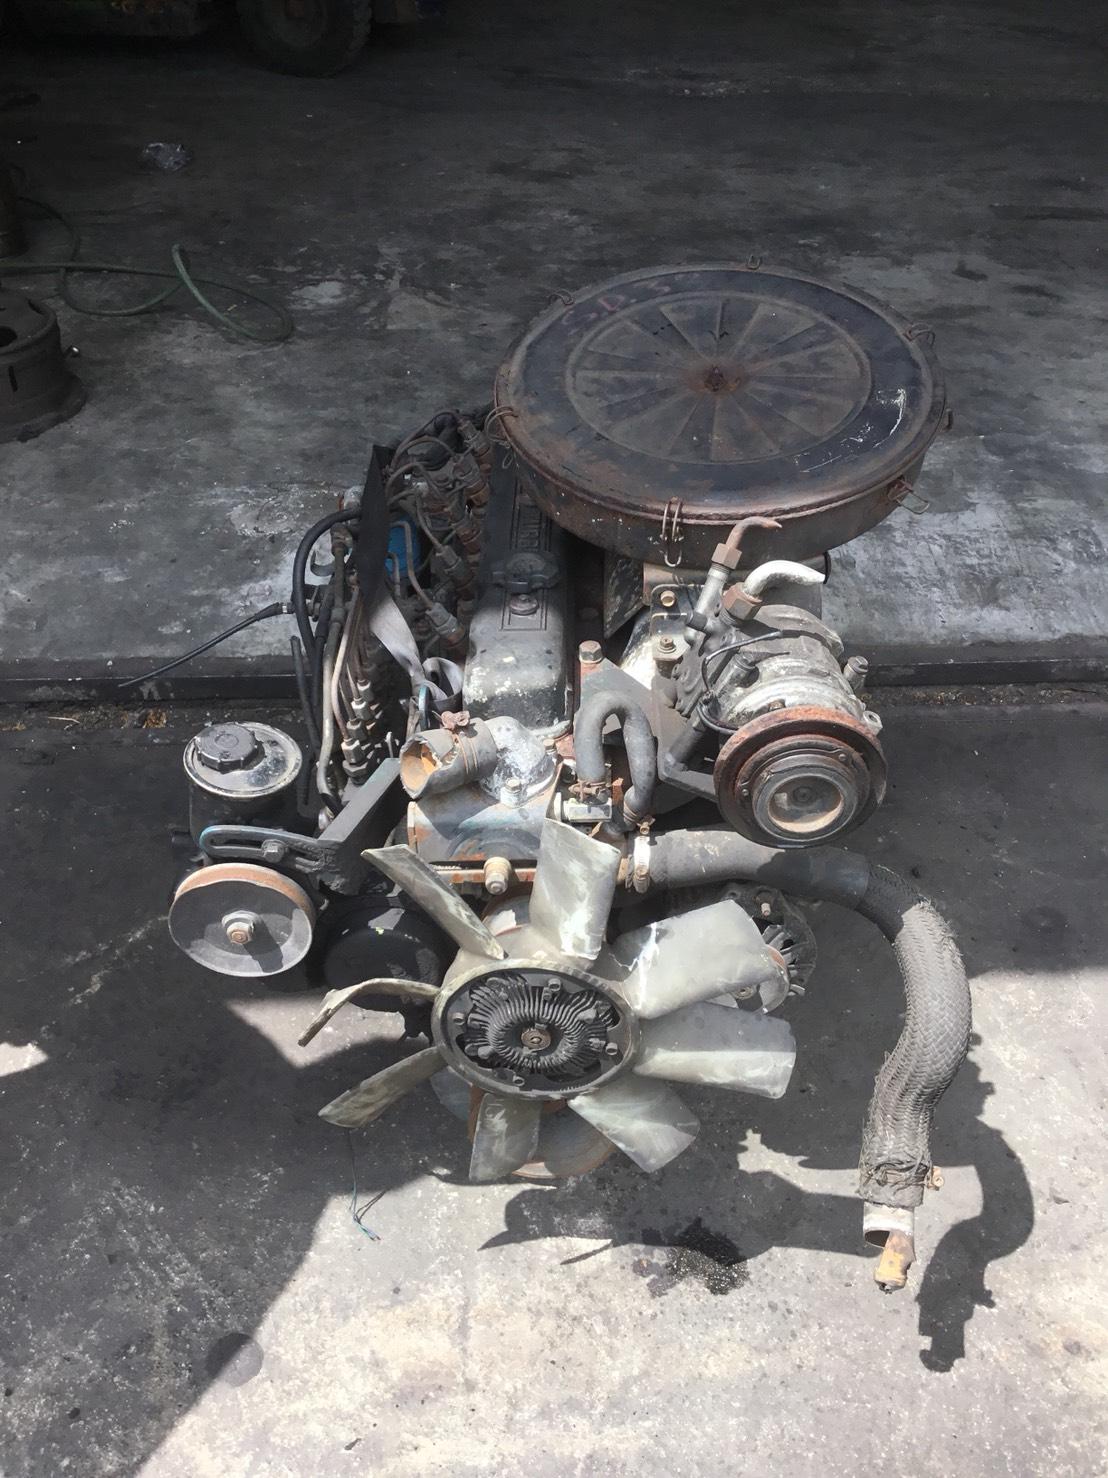 เครื่องยนต์ Nissan SD33 6/สูบ มือสอง (ราคาเฉพาะเครืองยนต์)